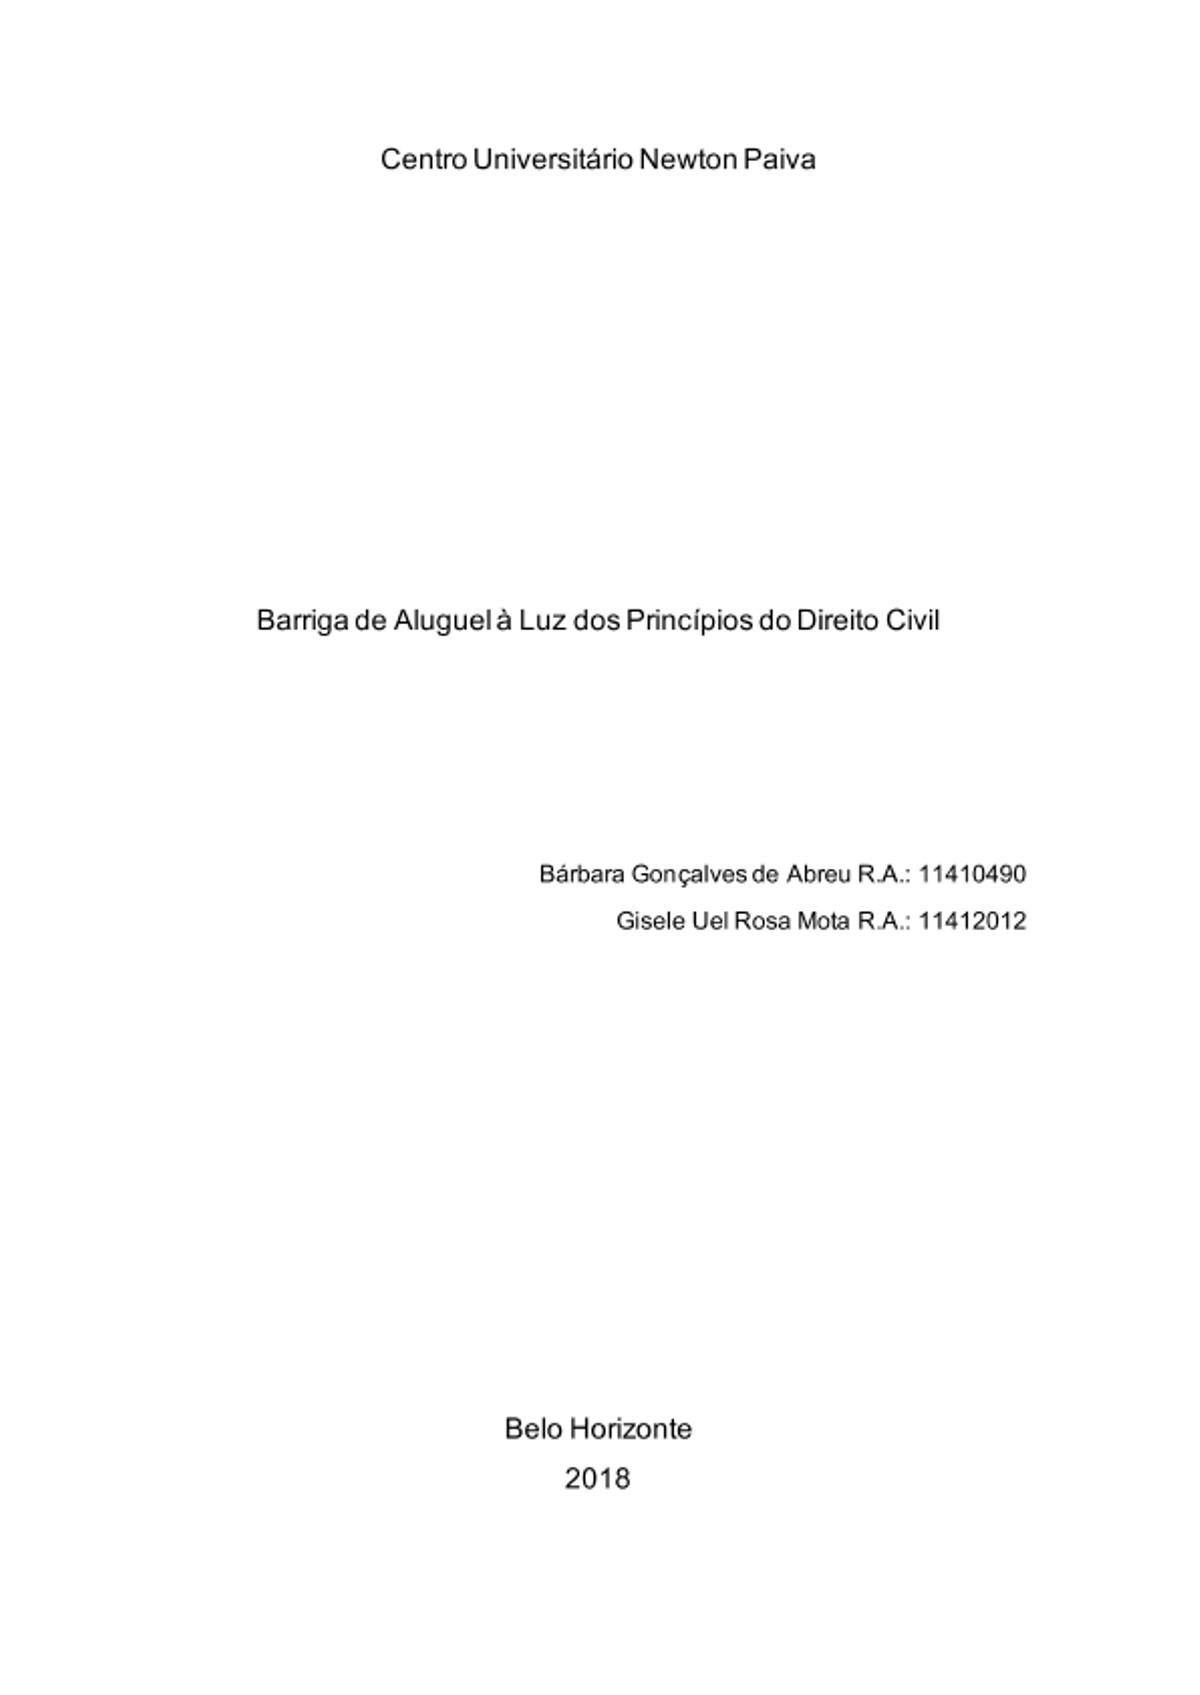 Pre-visualização do material barriga de aluguel - página 1